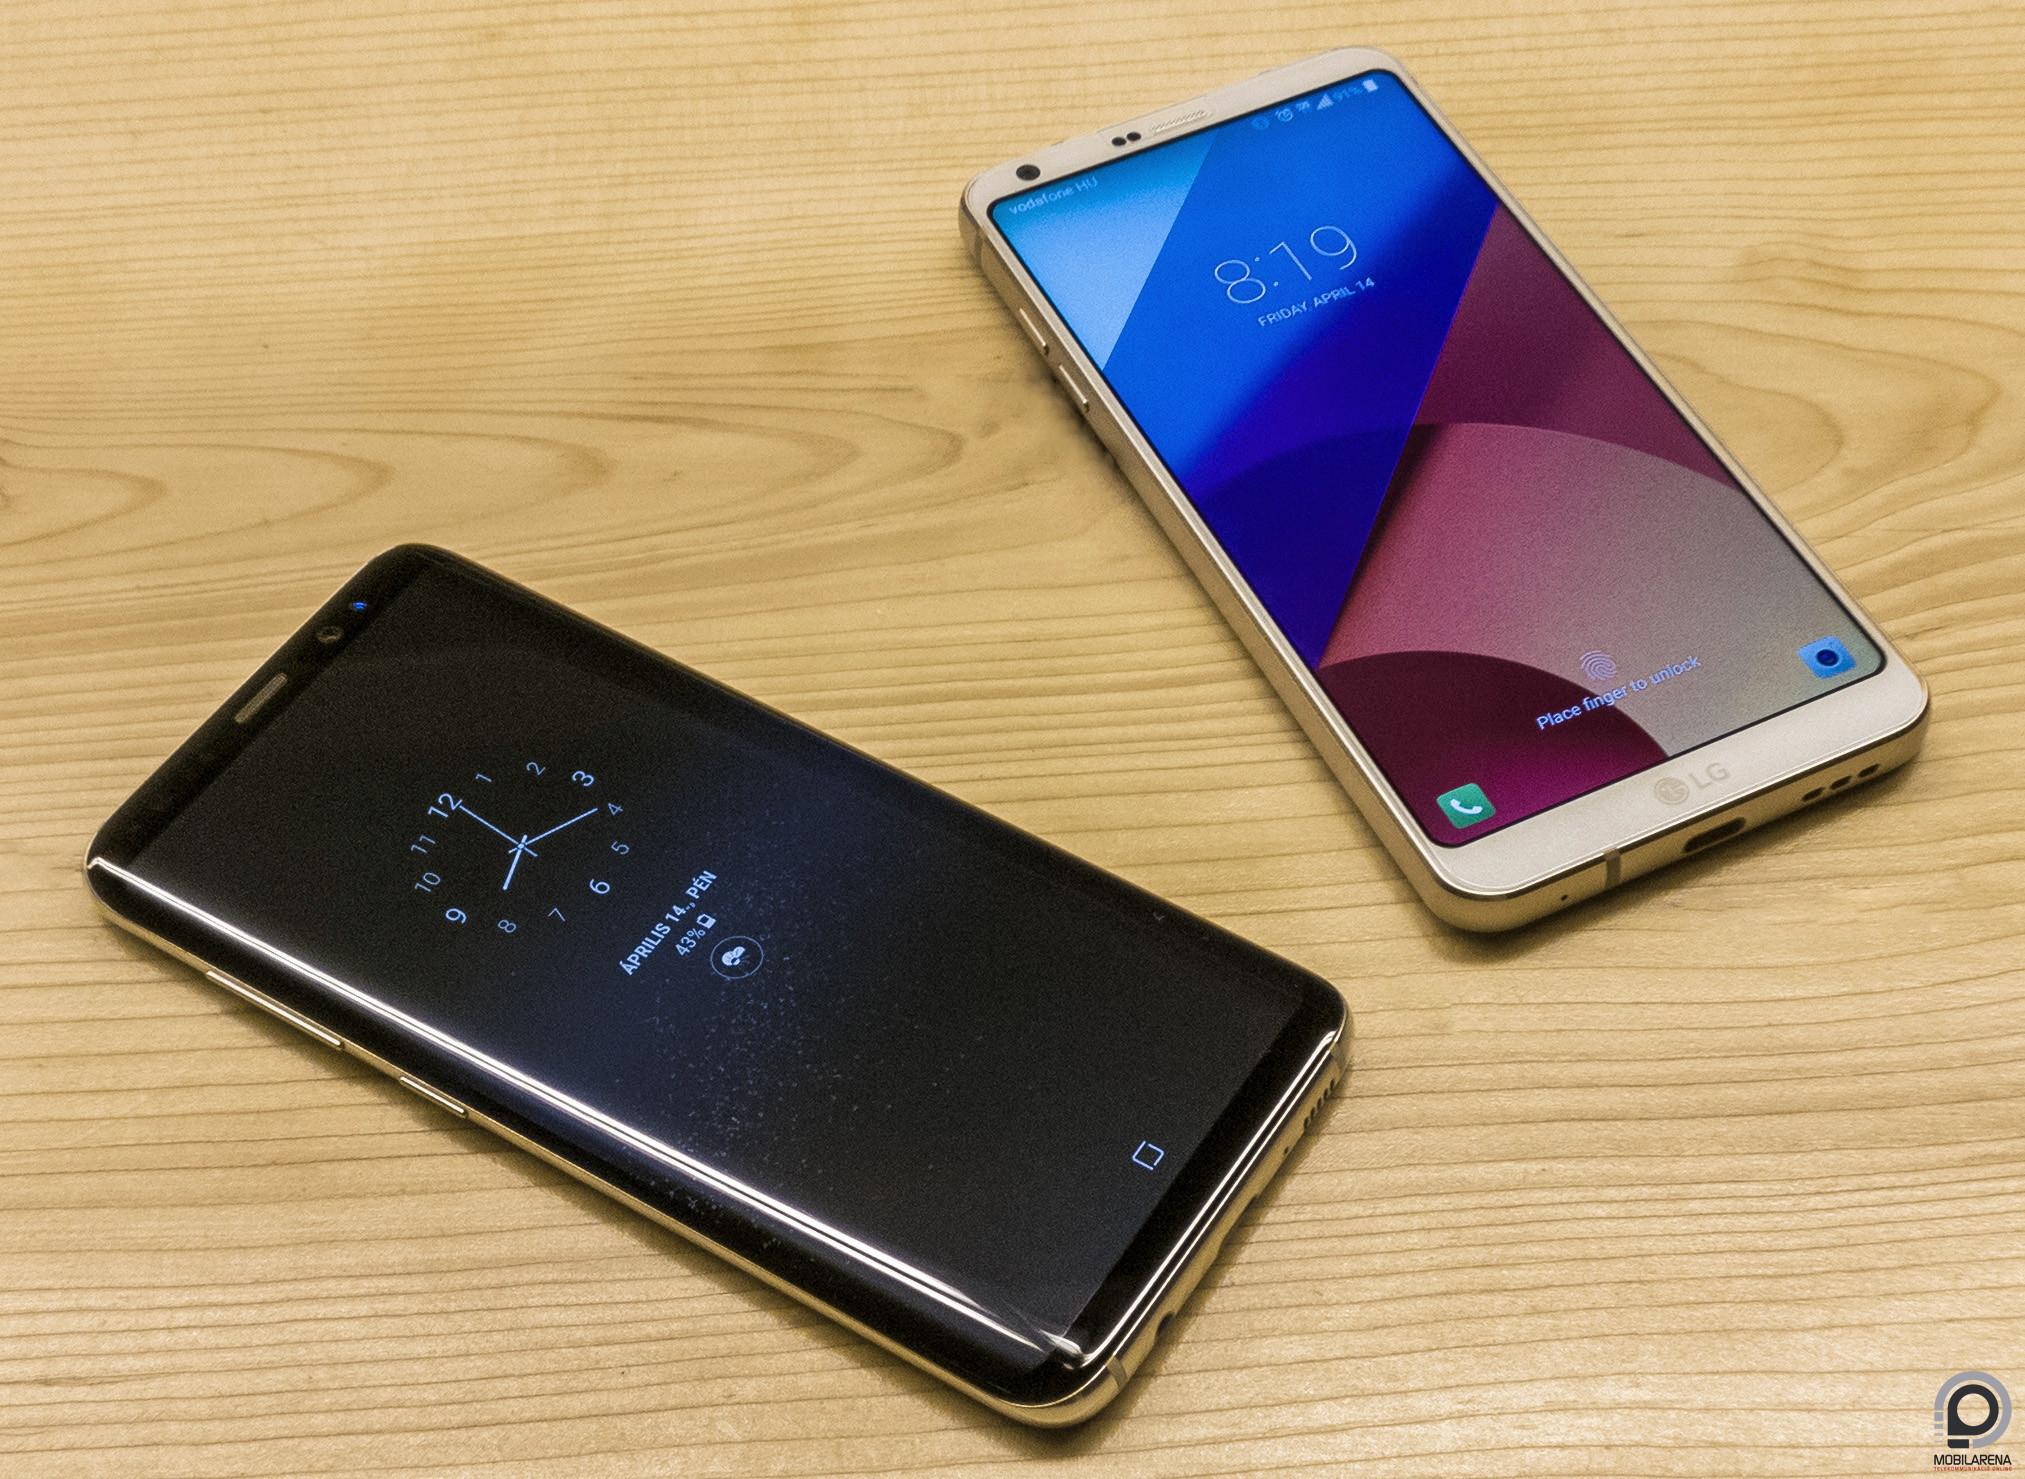 Samsung Galaxy S8 és S8+ duplateszt - Mobilarena Phablet teszt af5db3a2a1